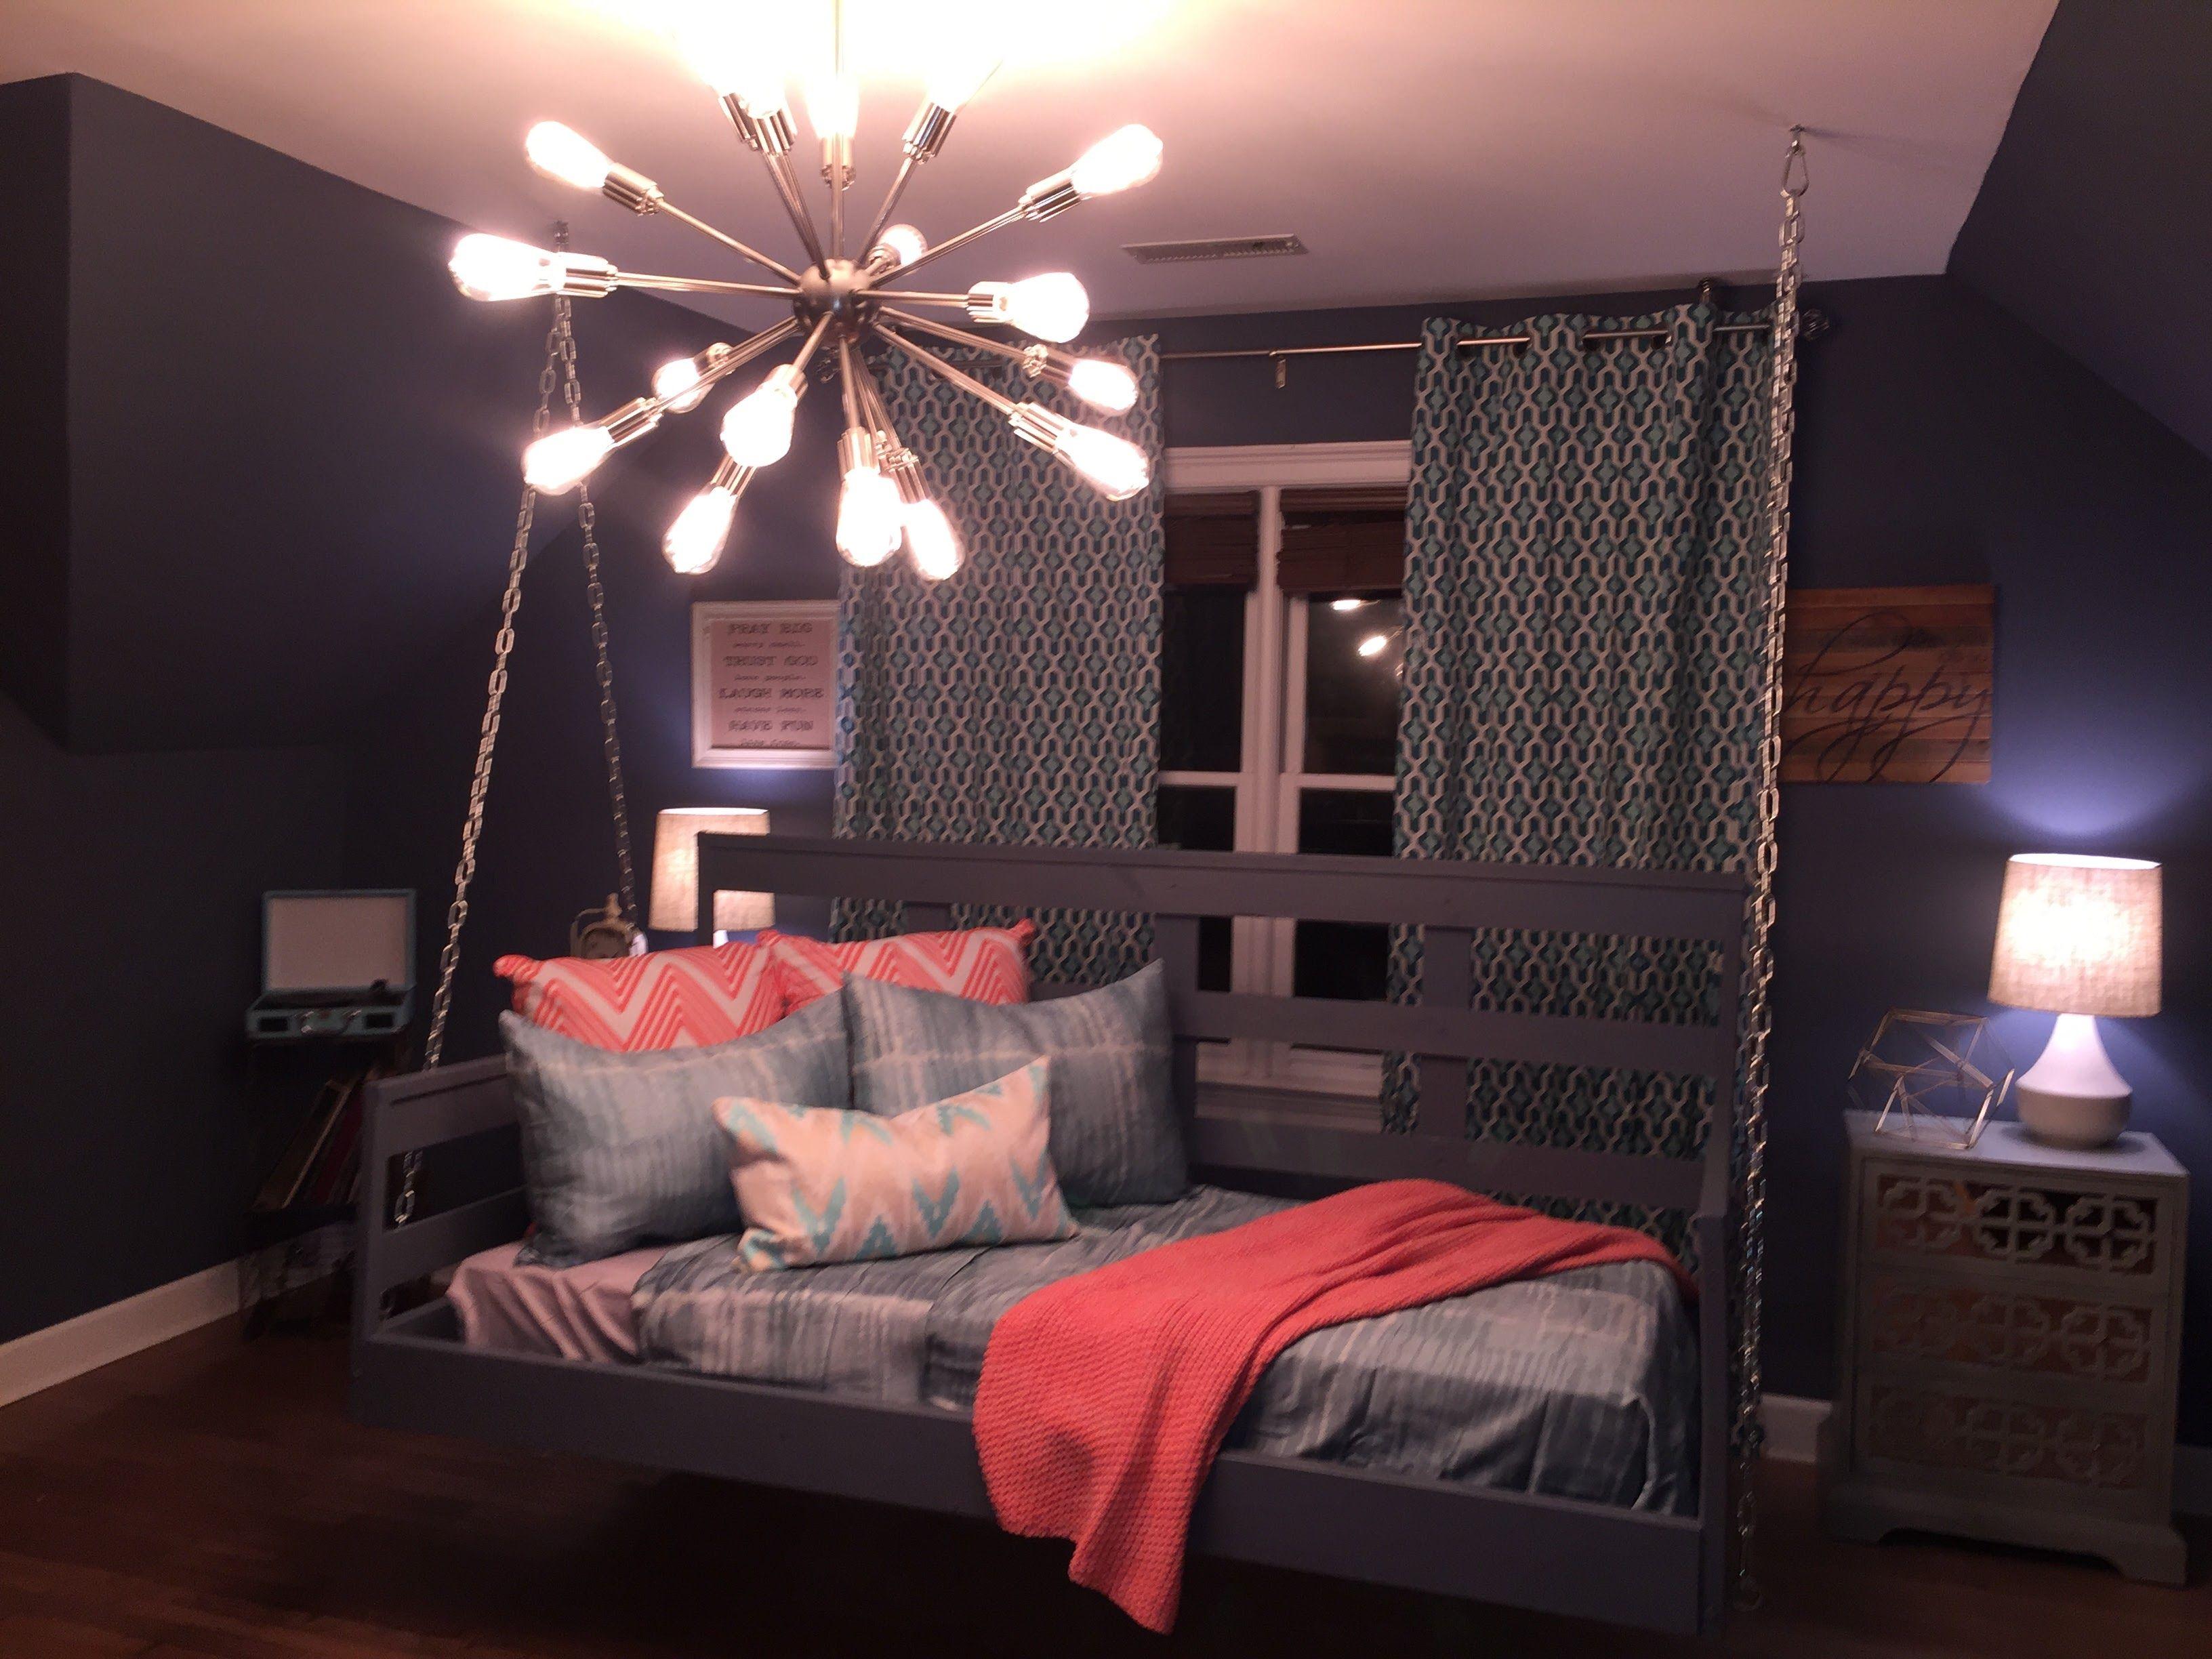 Kids Room Design With Hanging Bed And Sputnik Chandelier